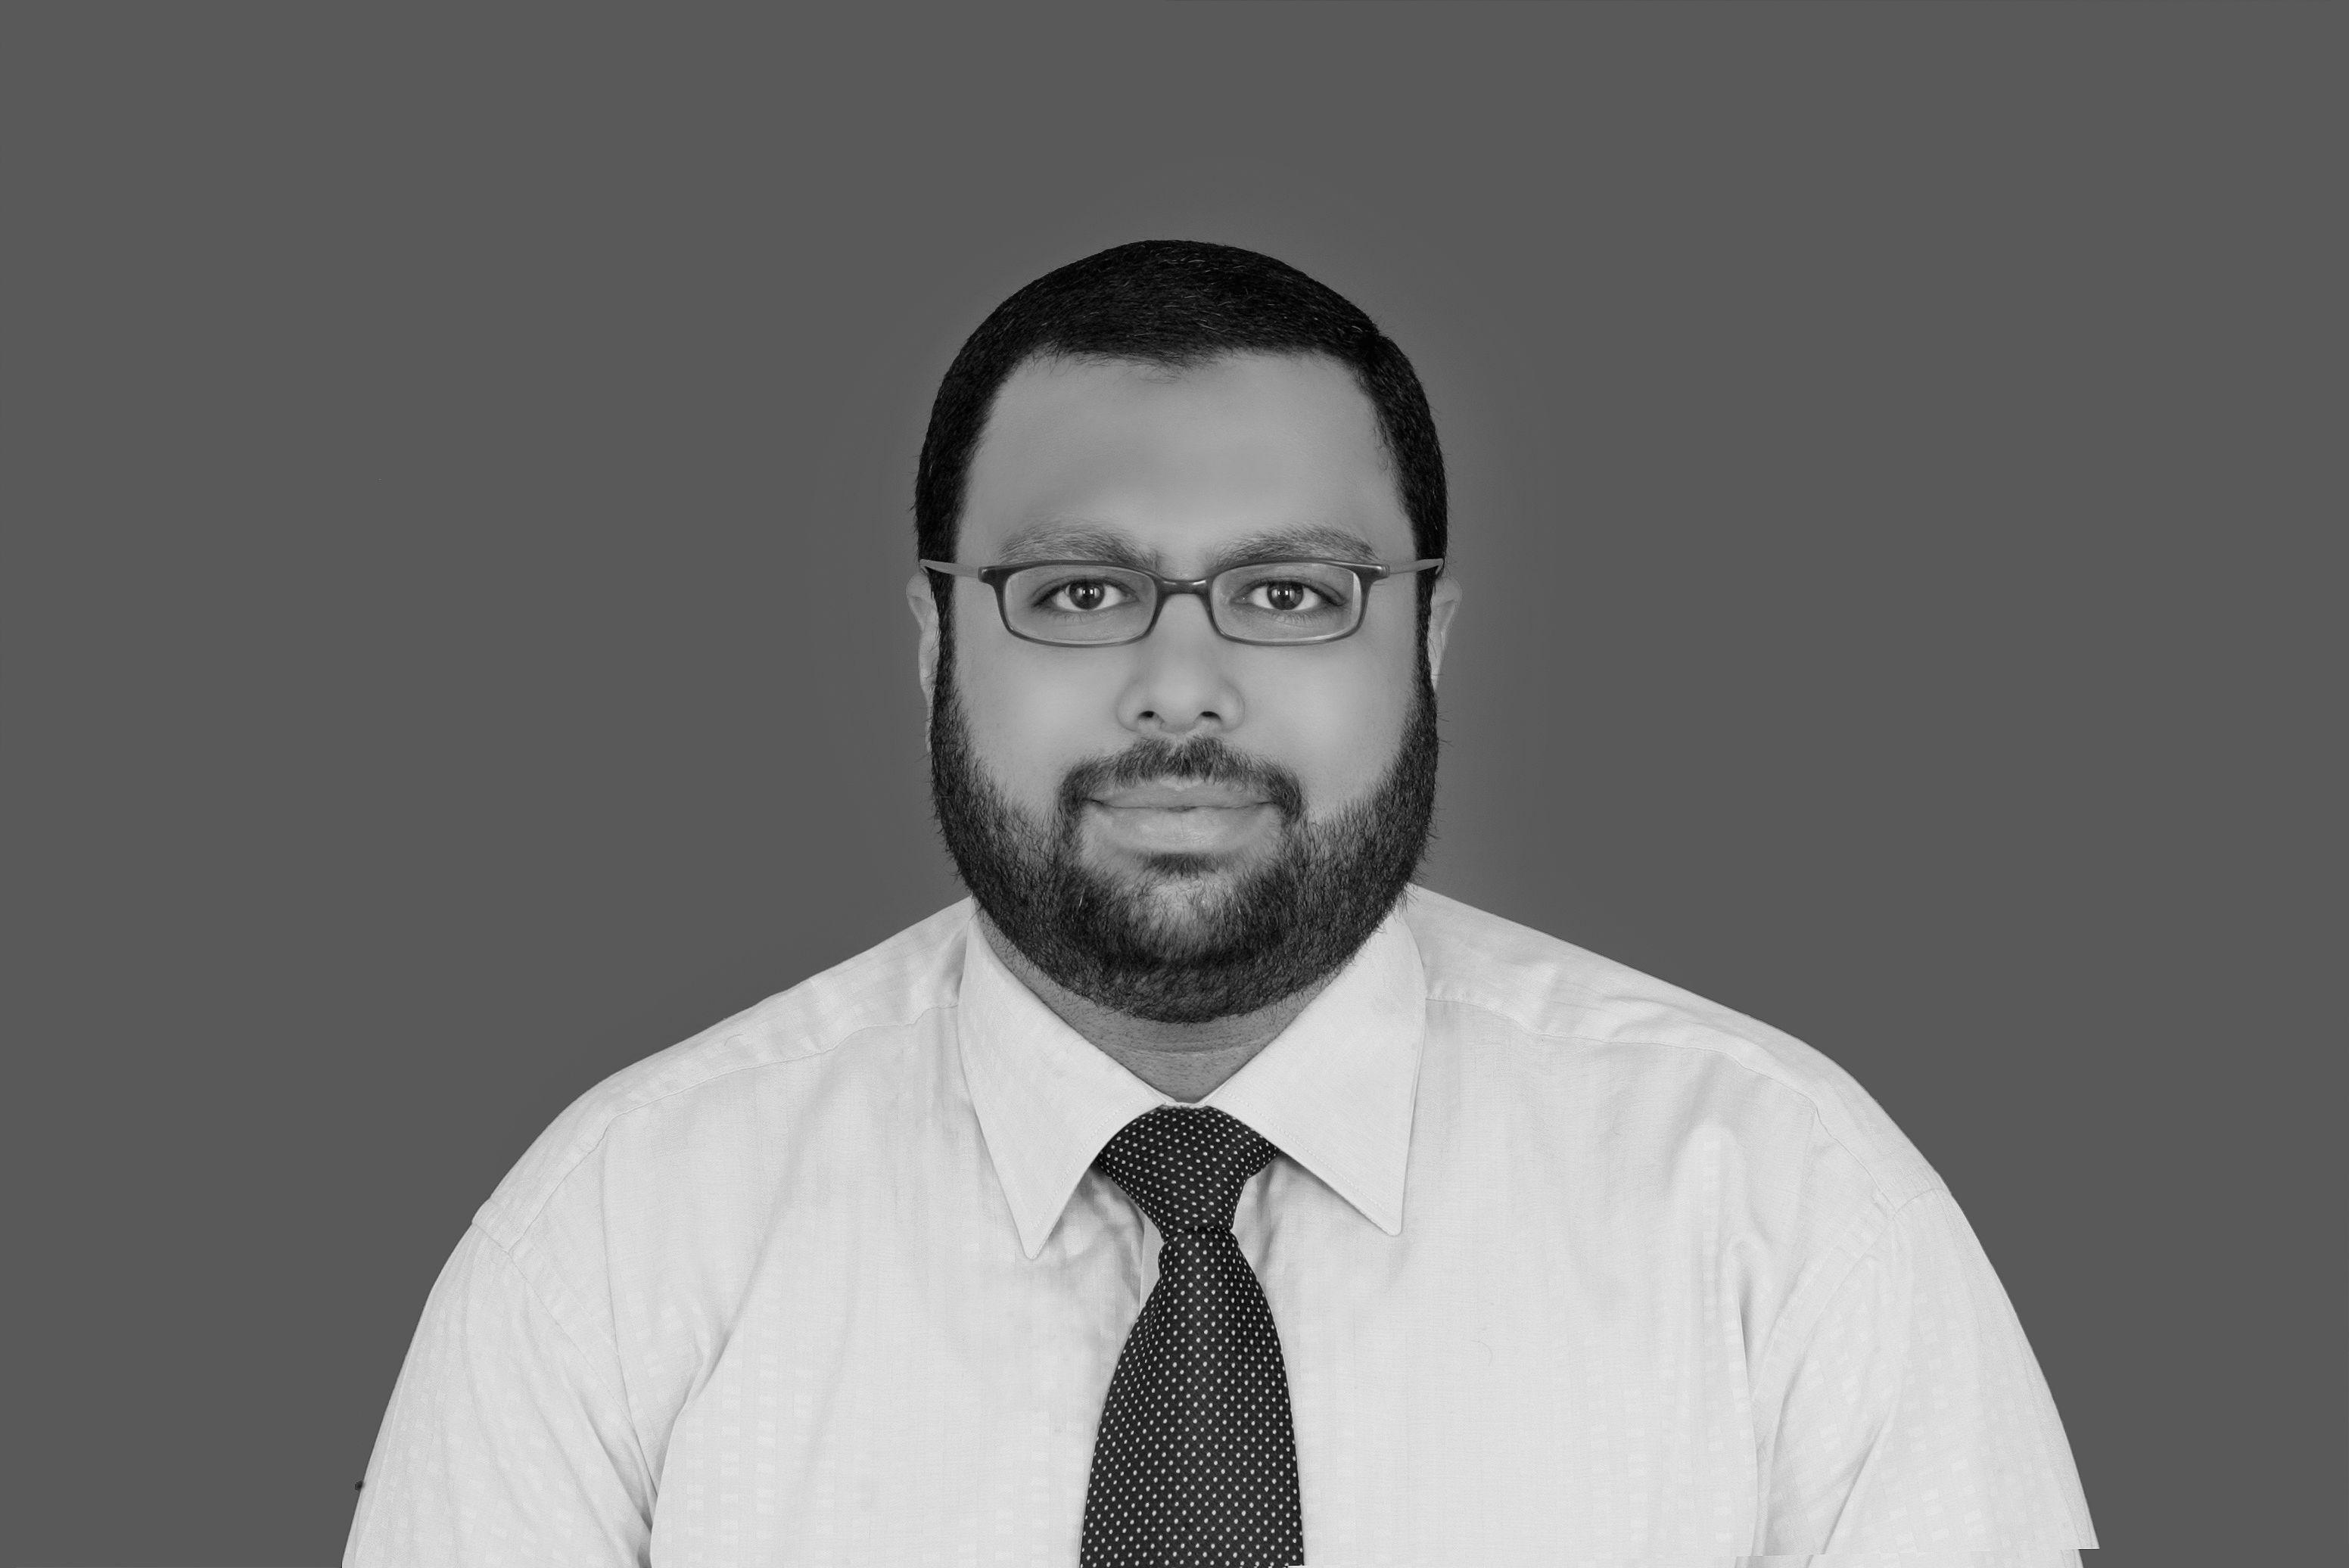 محمد الغباشي Headshot